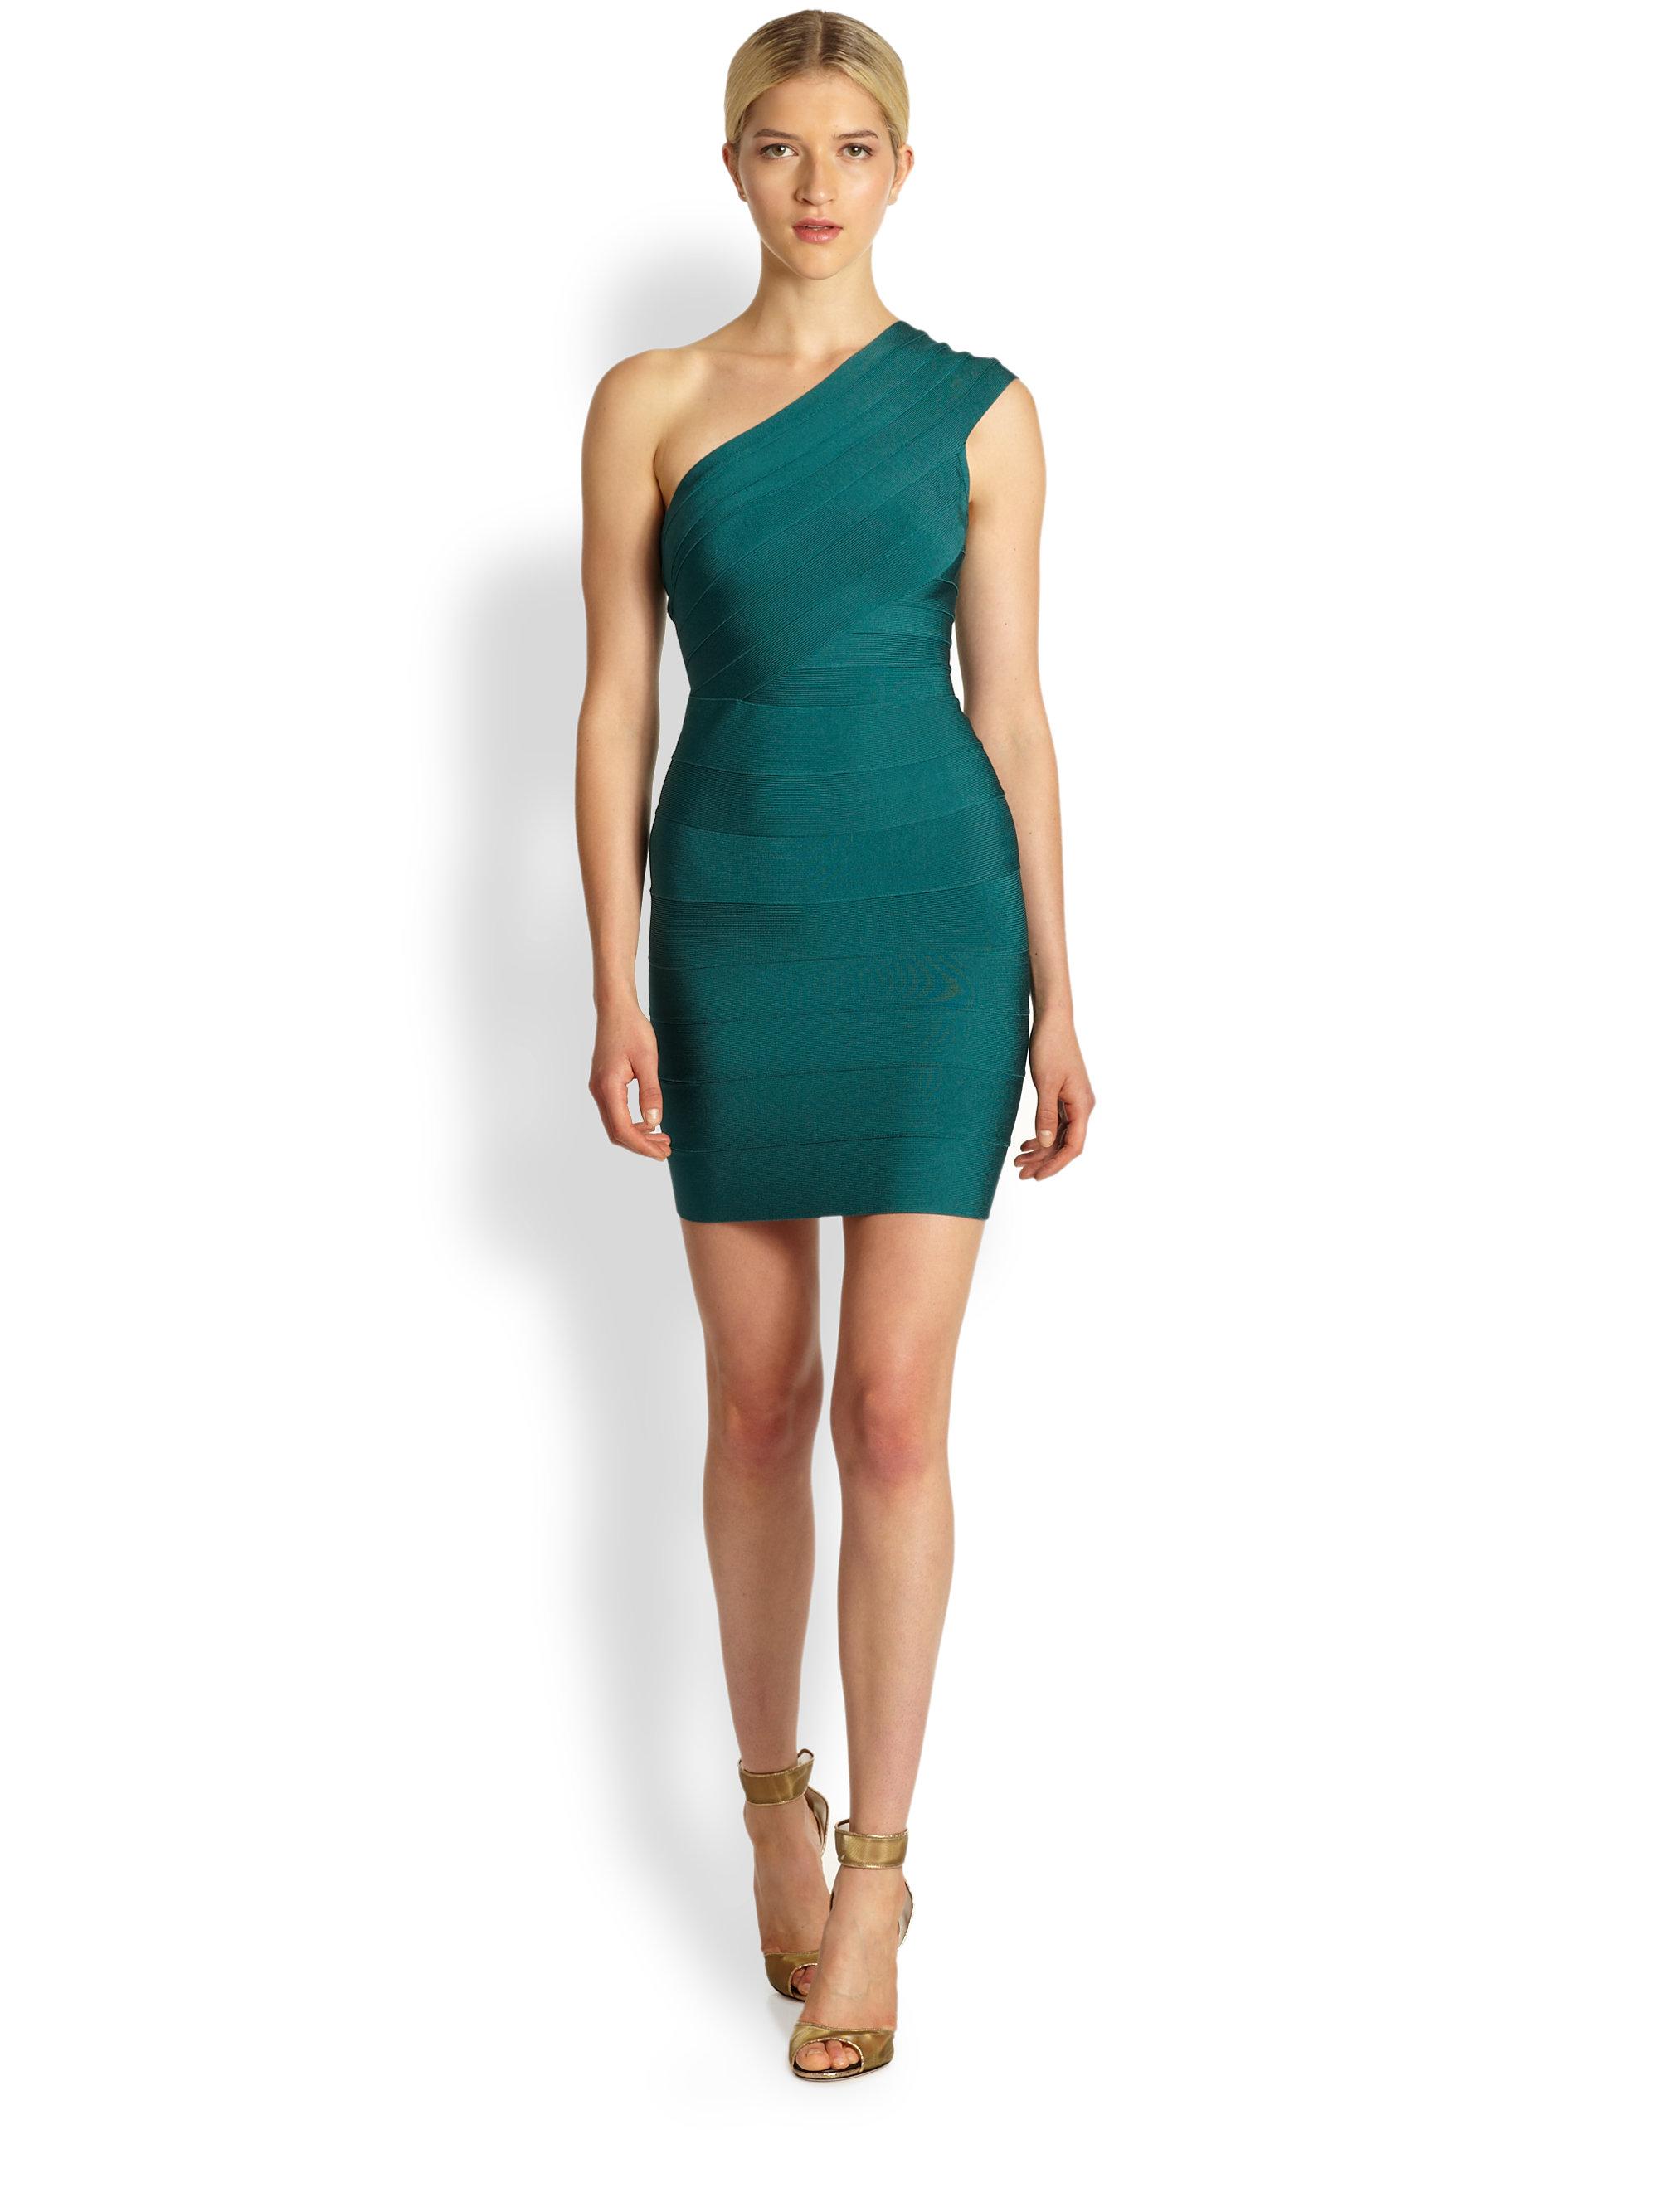 Herv 233 L 233 Ger One Shoulder Bandage Dress In Deep Teal Green